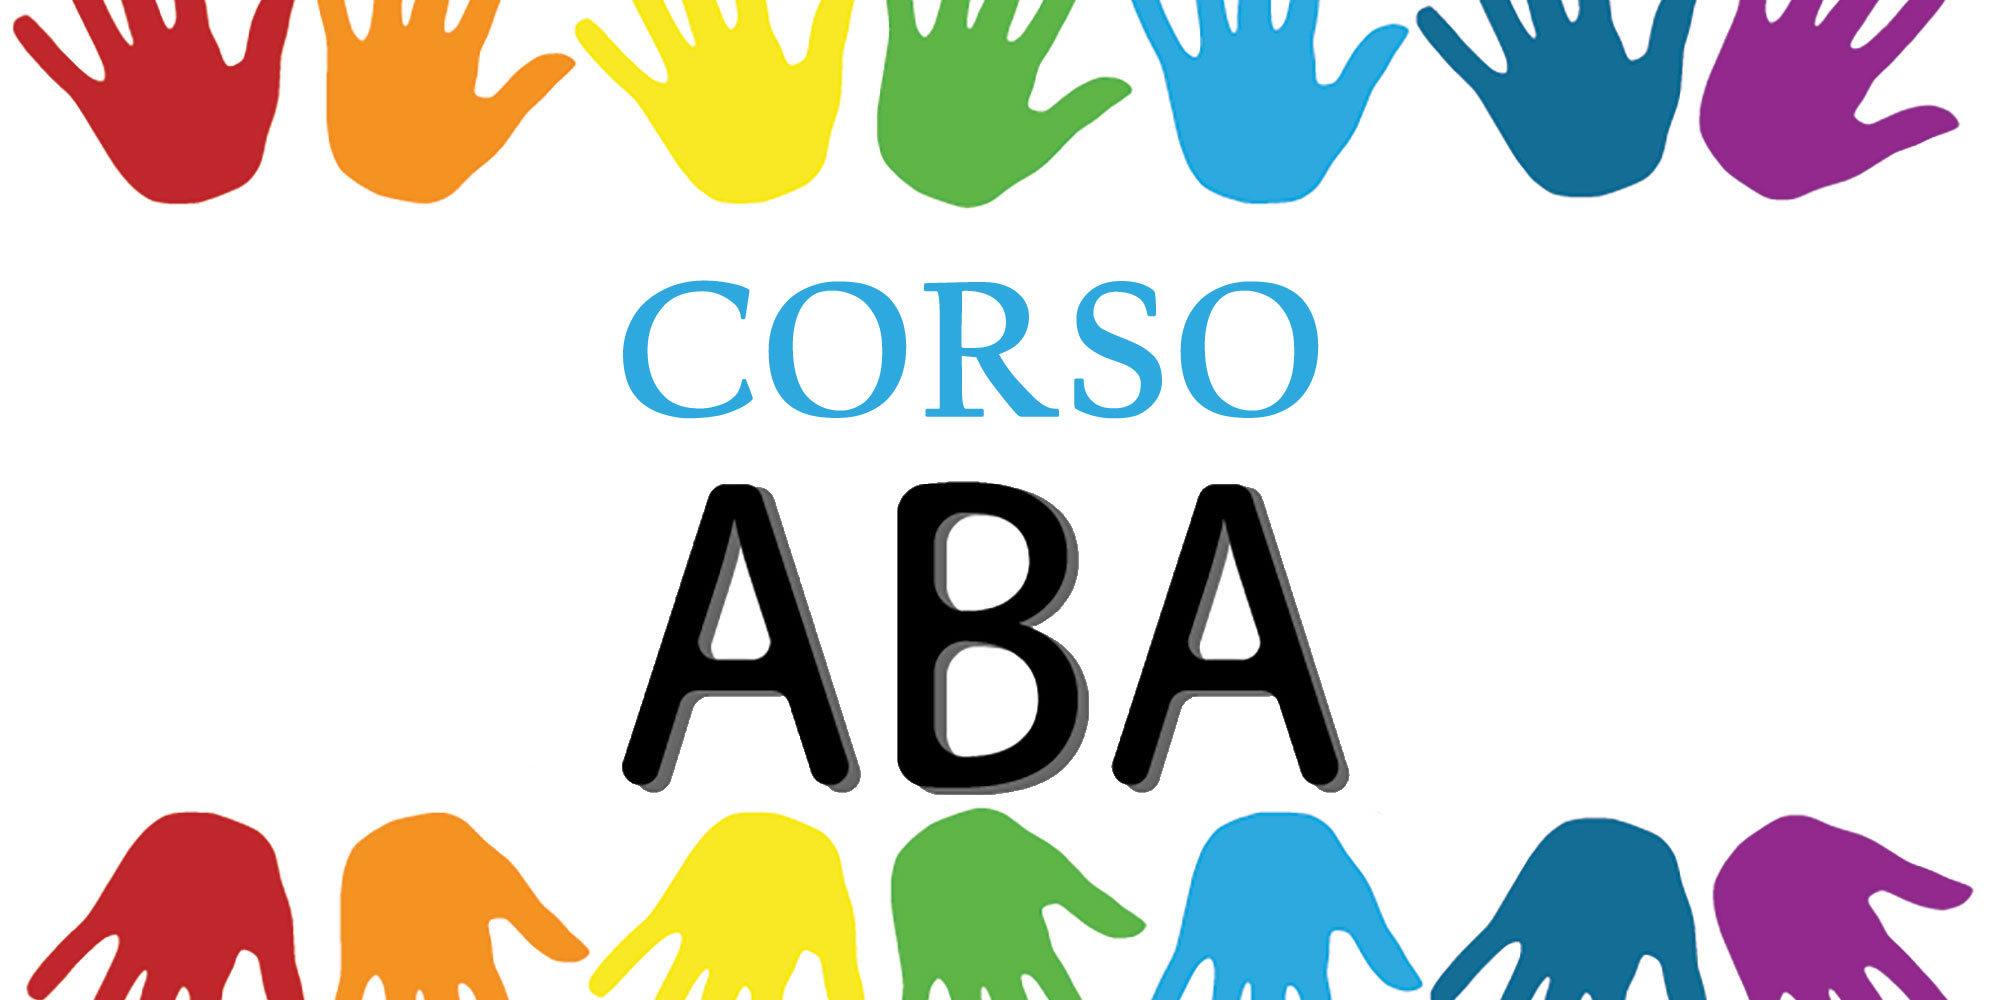 CORSO ABA ONLINE